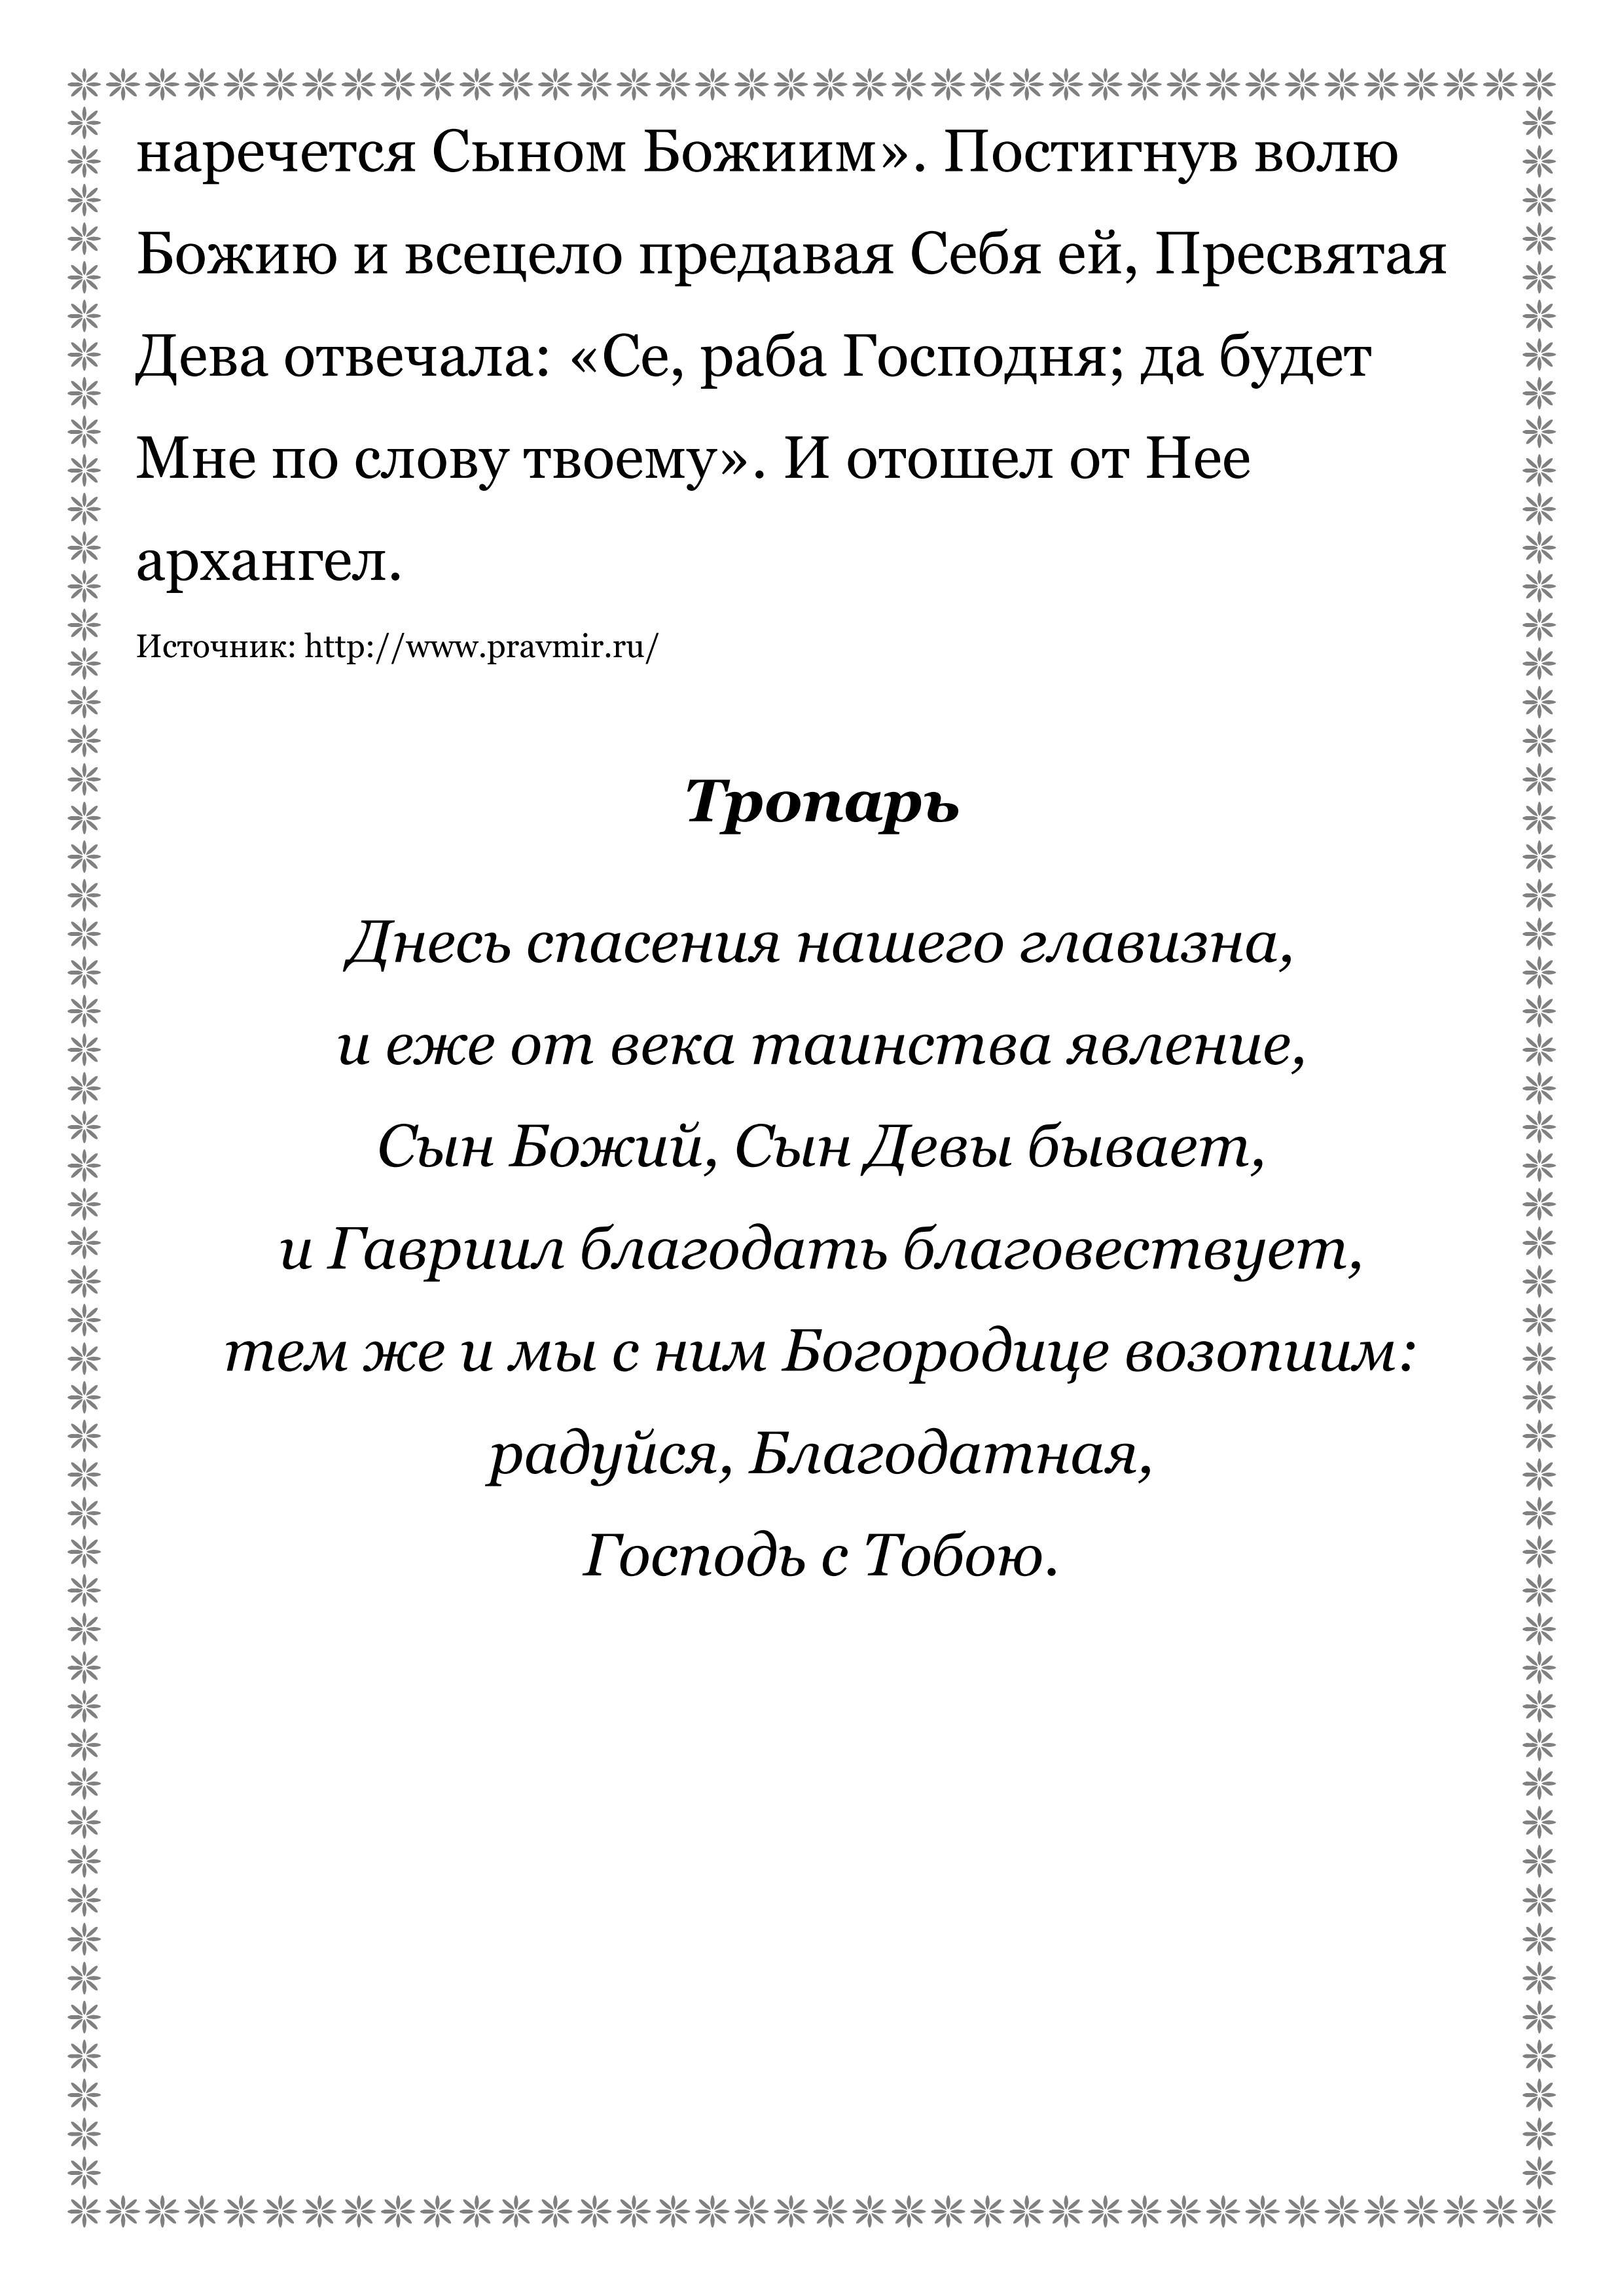 Благовещение_03